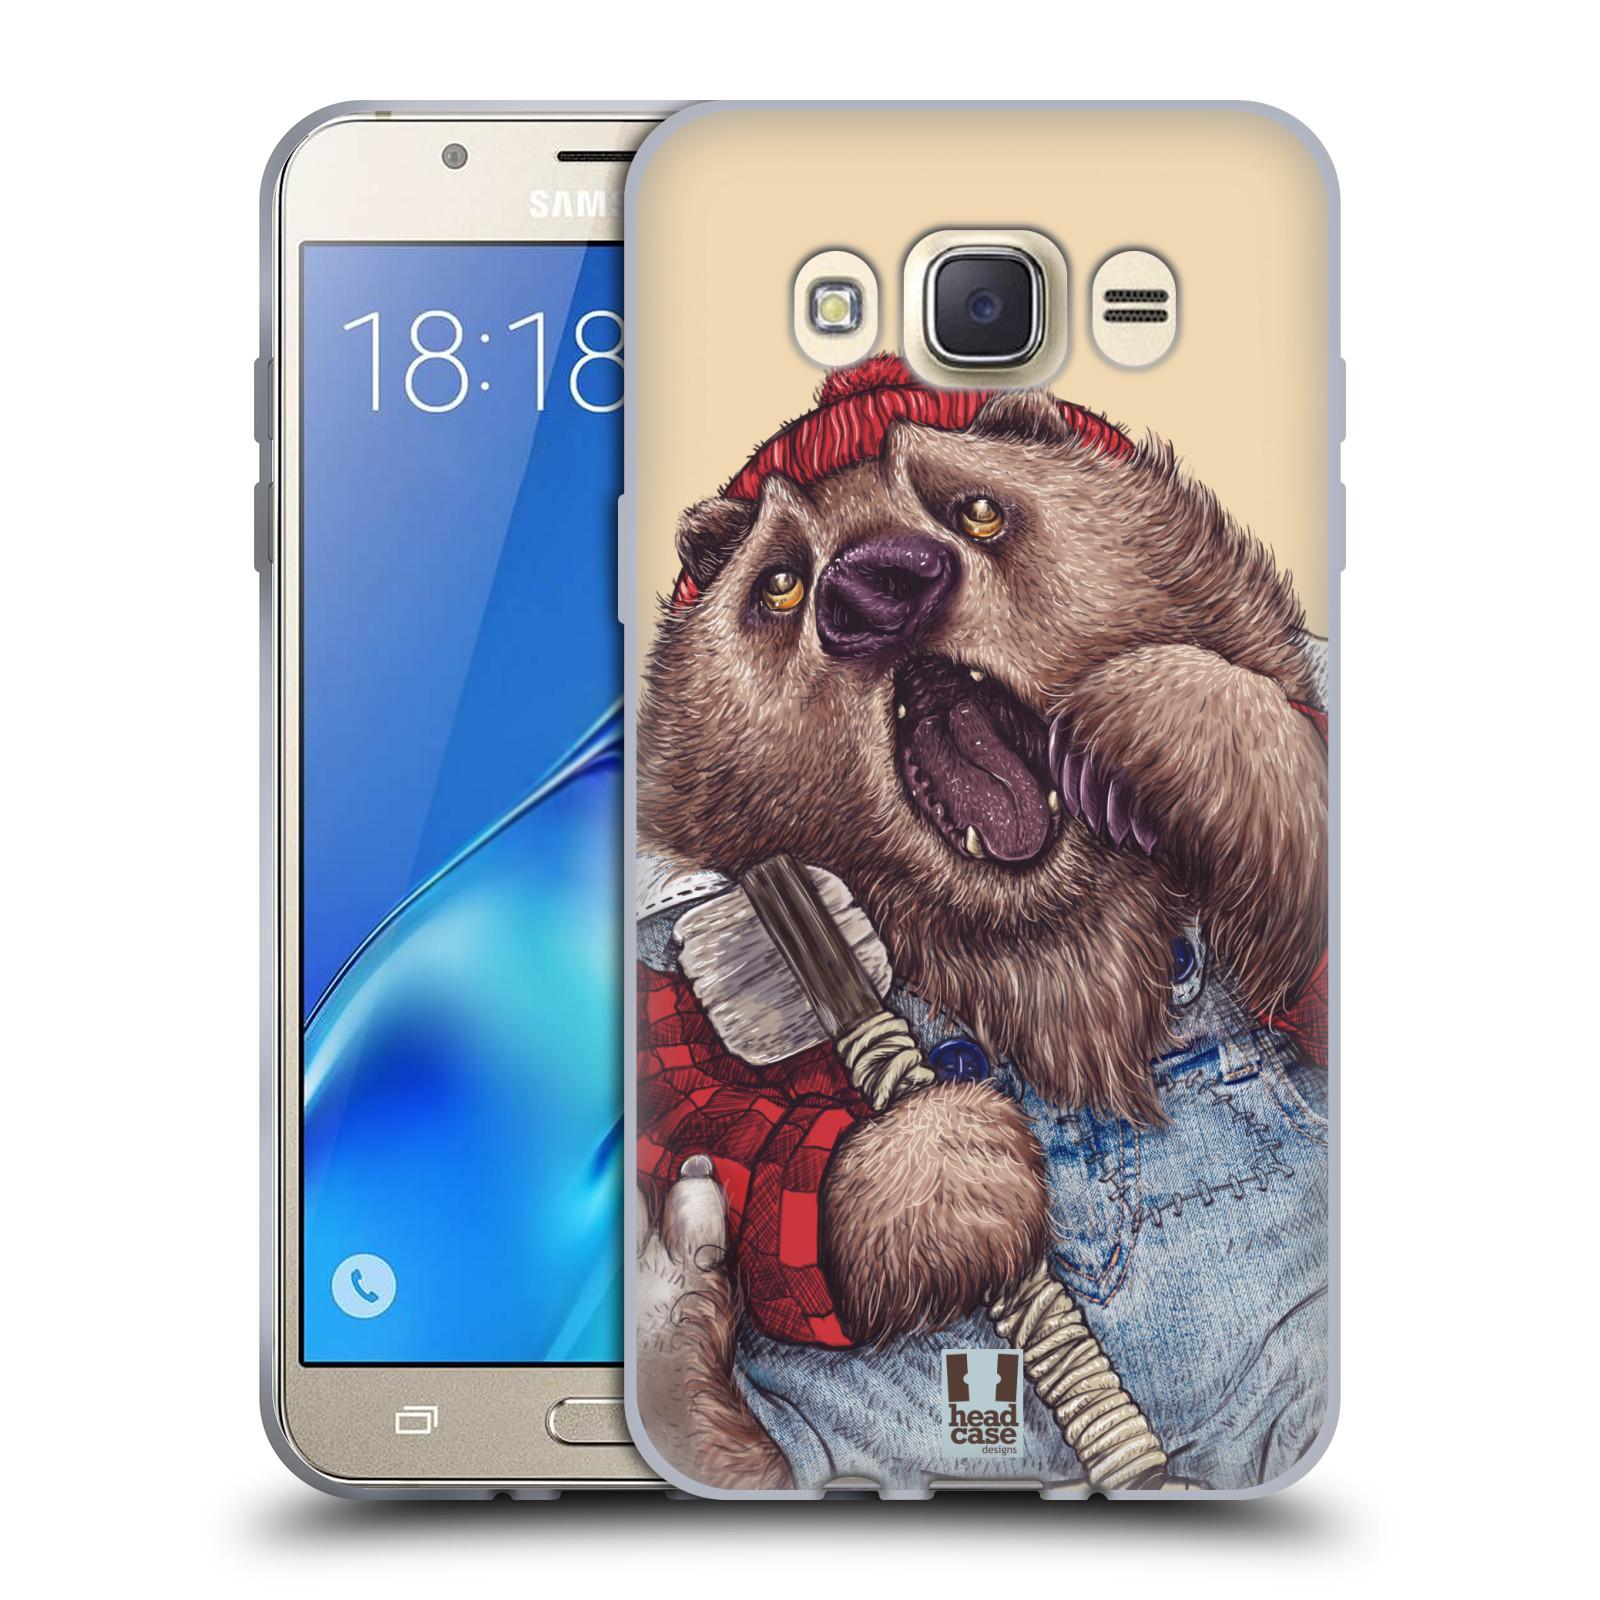 Silikonové pouzdro na mobil Samsung Galaxy J7 (2016) HEAD CASE ANIMPLA MEDVĚD